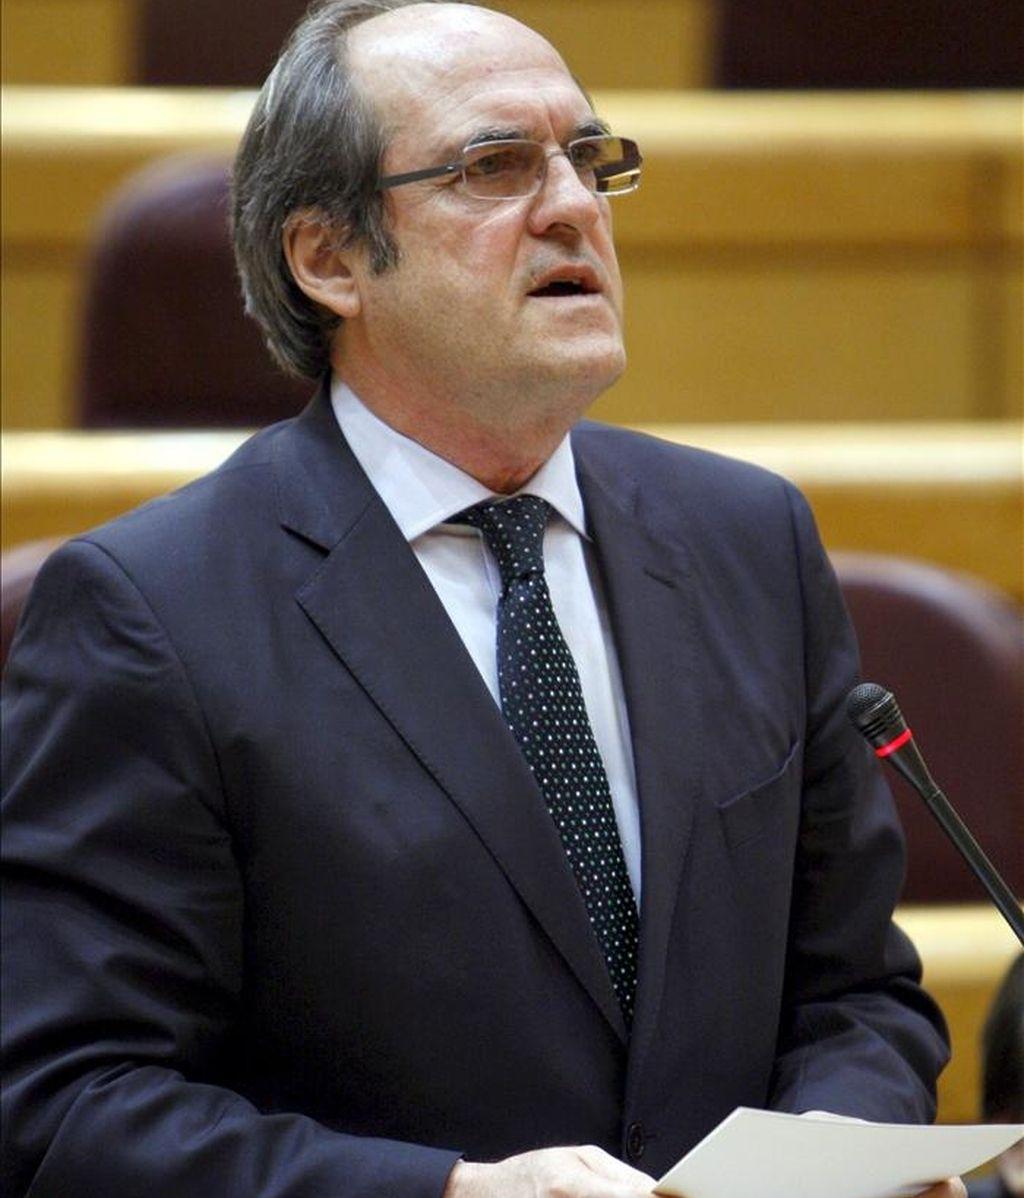 El ministro de Educación, Ángel Gabilondo. EFE/Archivo